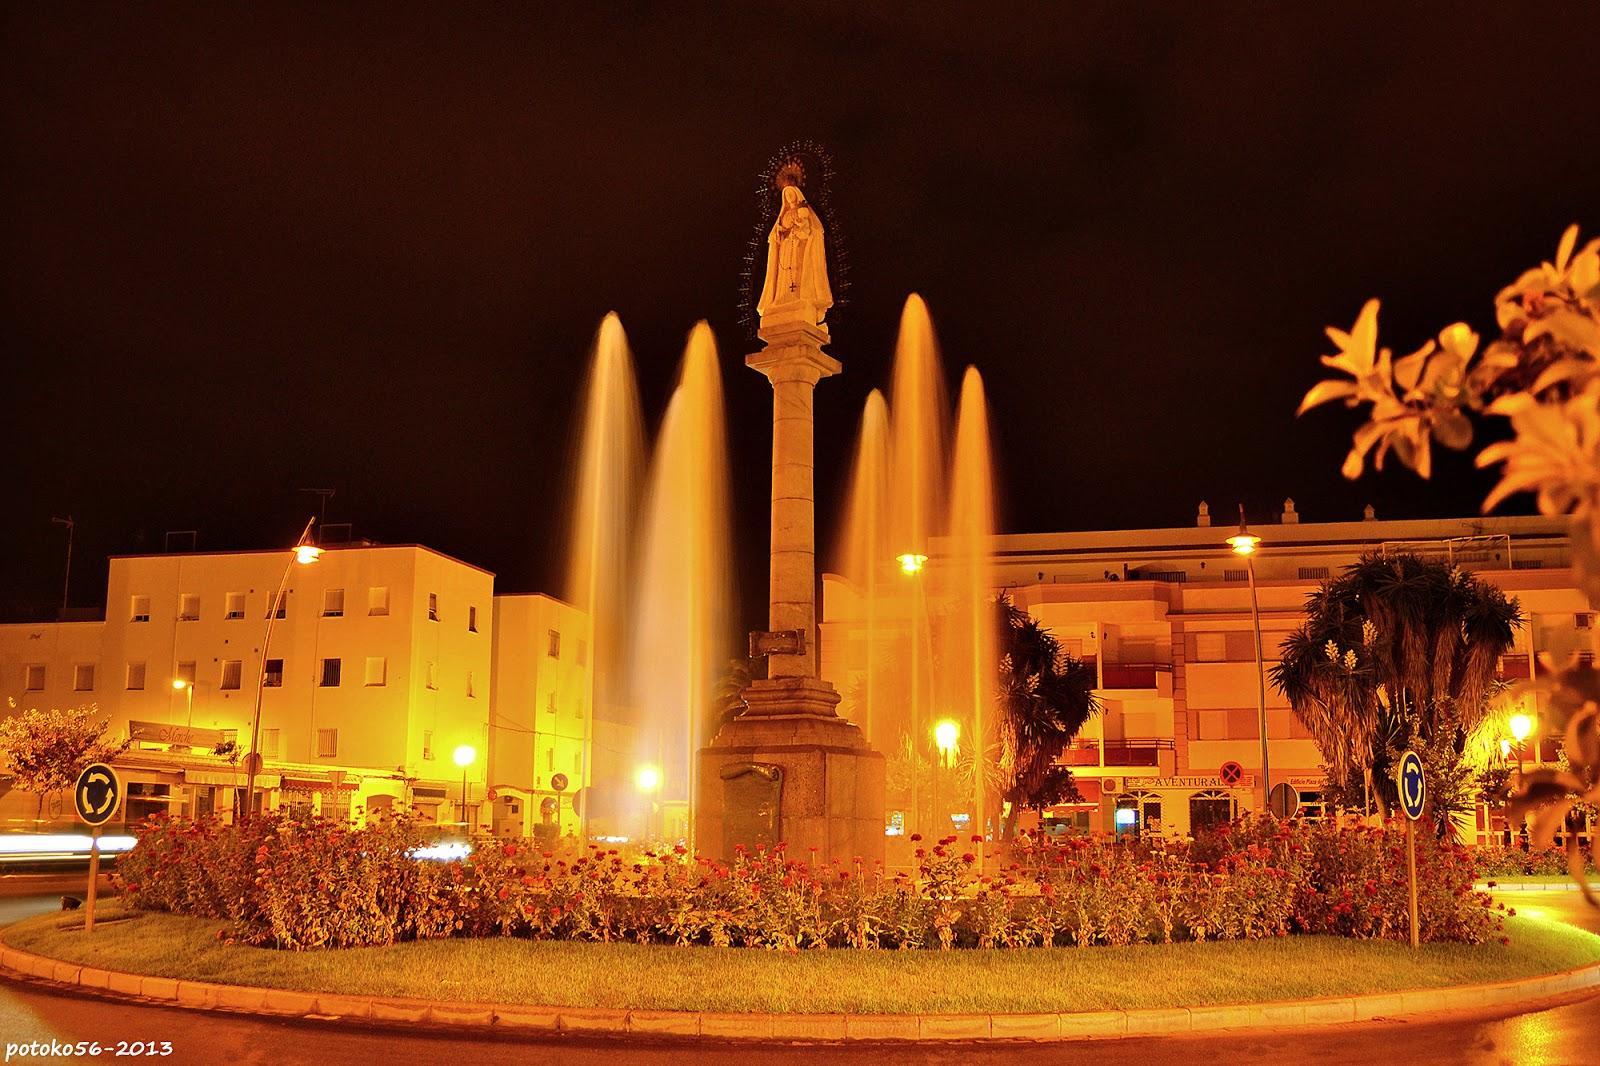 Fuente de La Plaza del Triunfo Rota